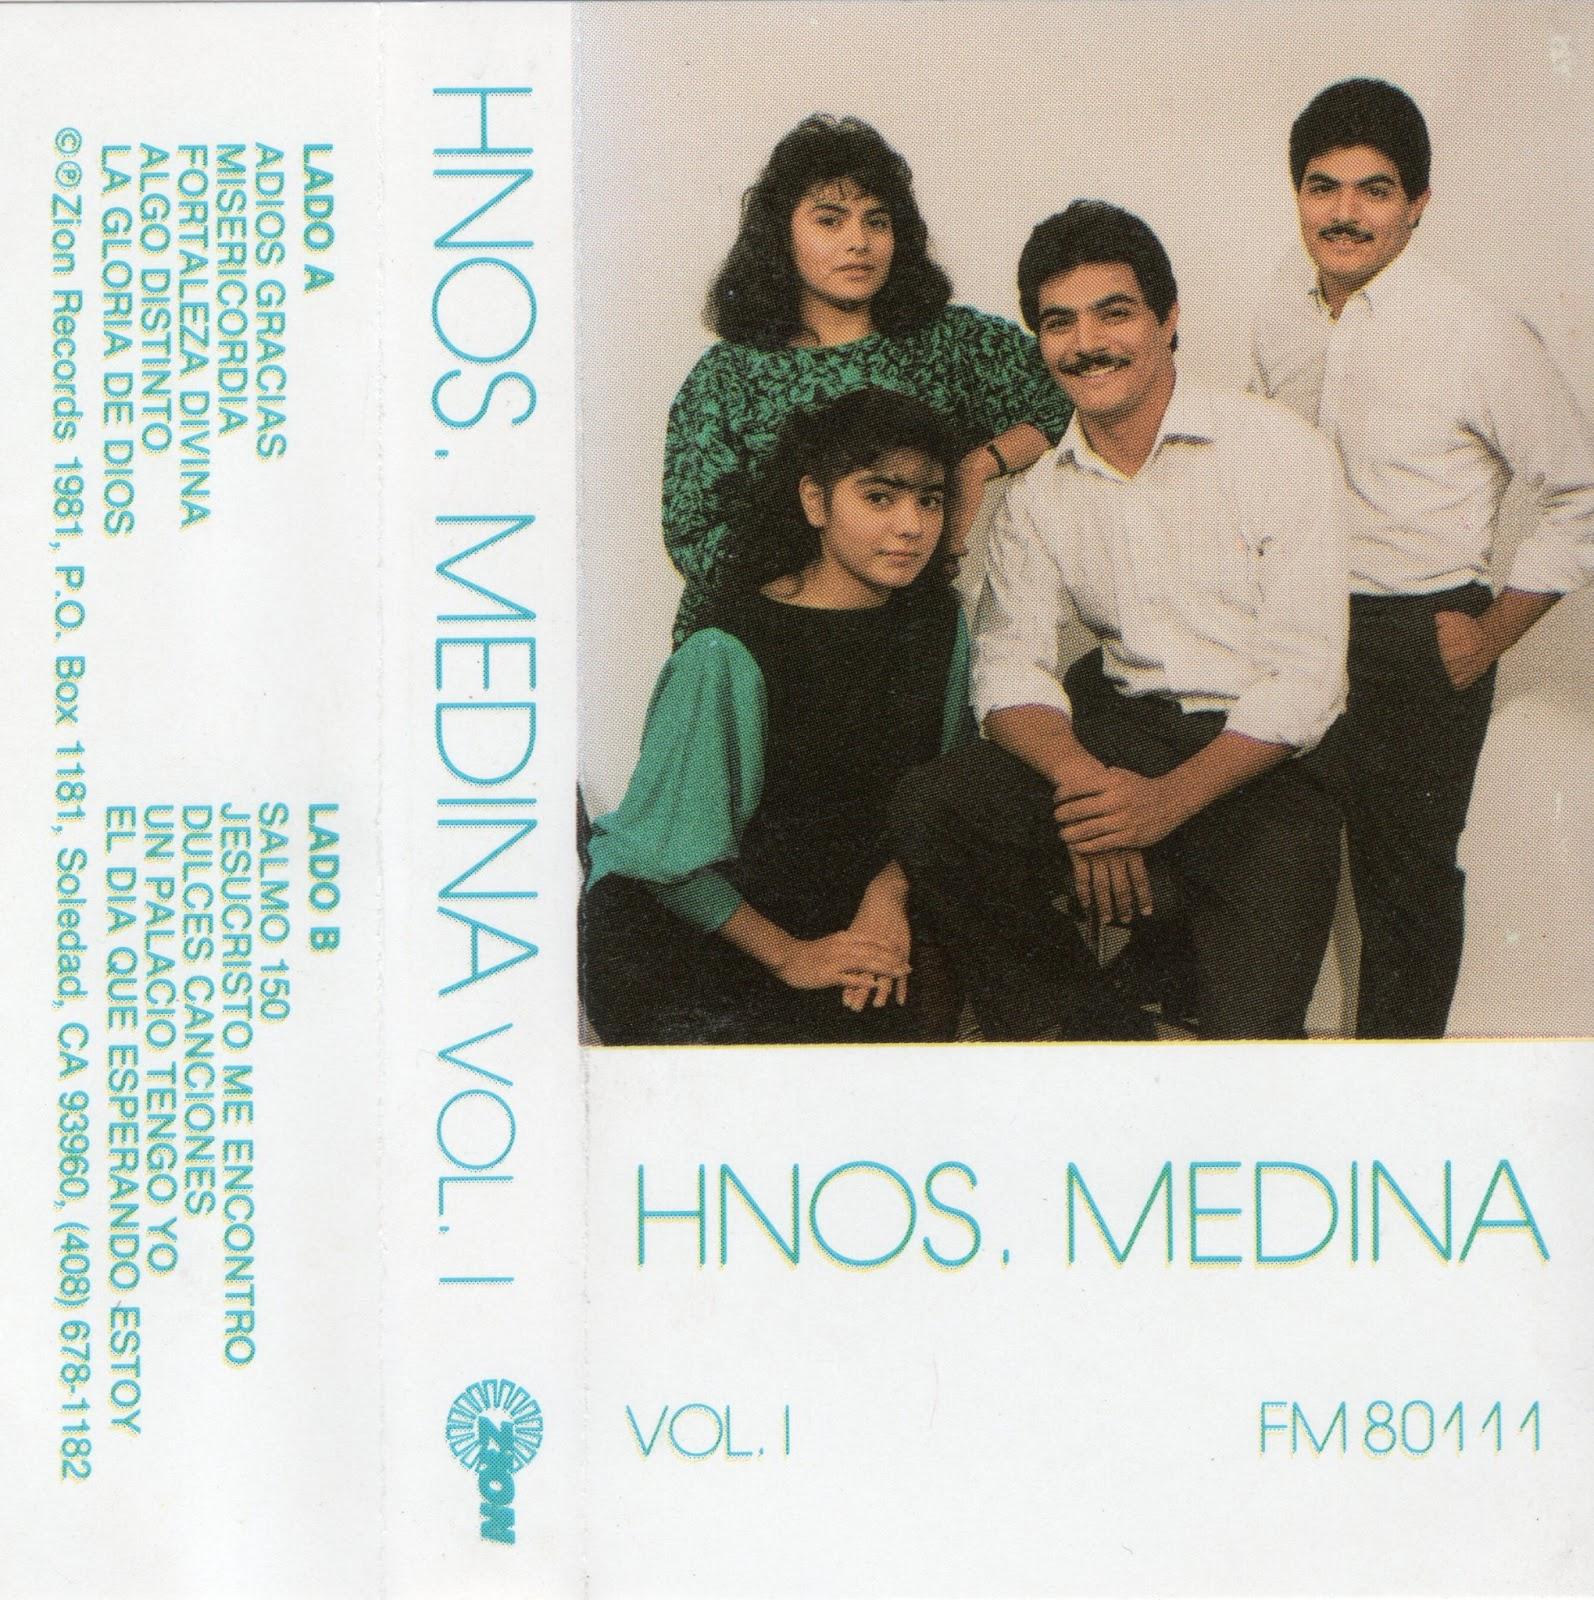 Hermanos Medina-Vol 1-